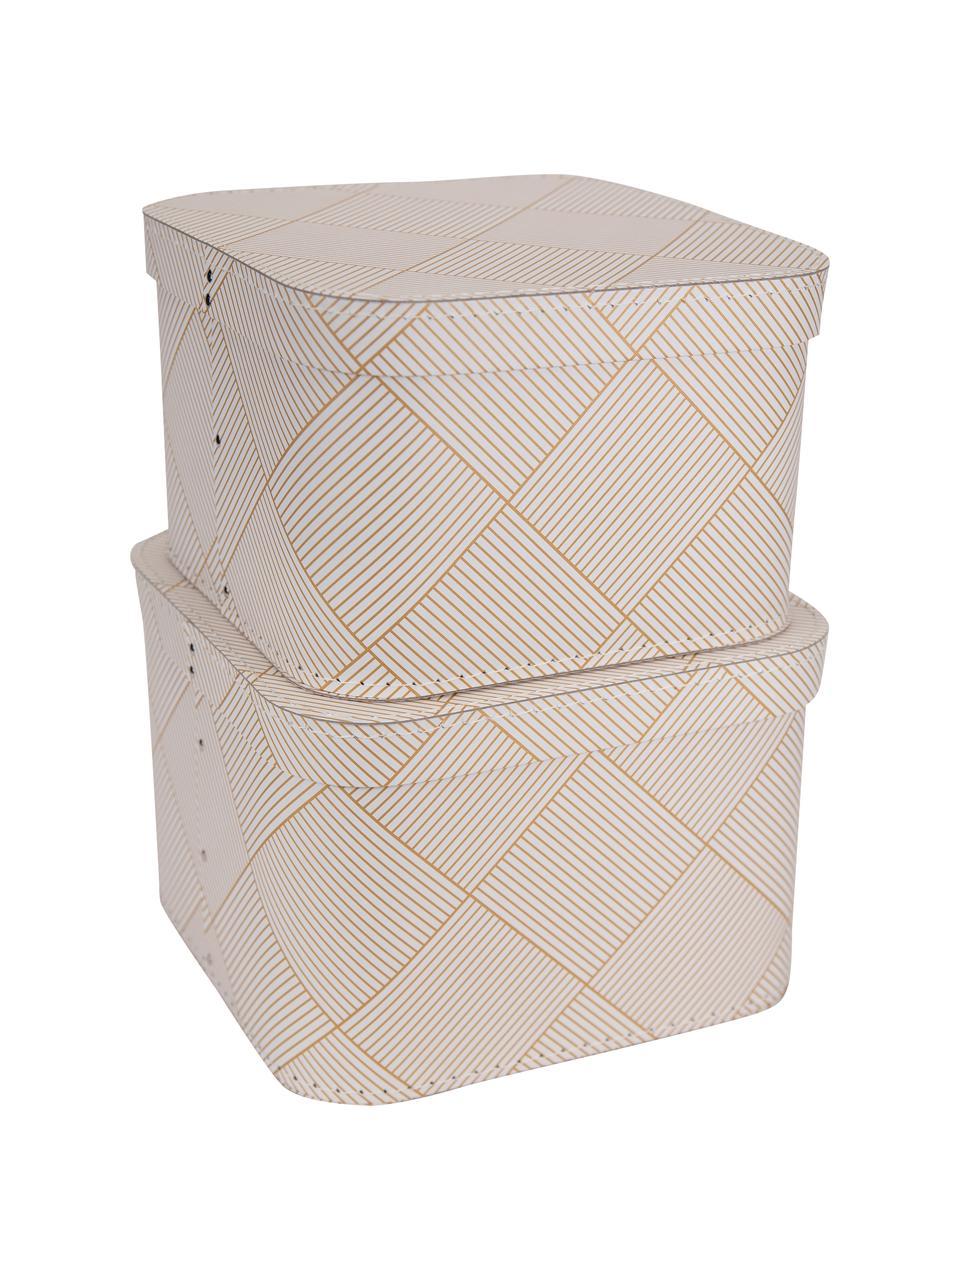 Opbergdozenset Ludvig, 2-delig, Stevig, gelamineerd karton, Goudkleurig, wit, Set met verschillende formaten